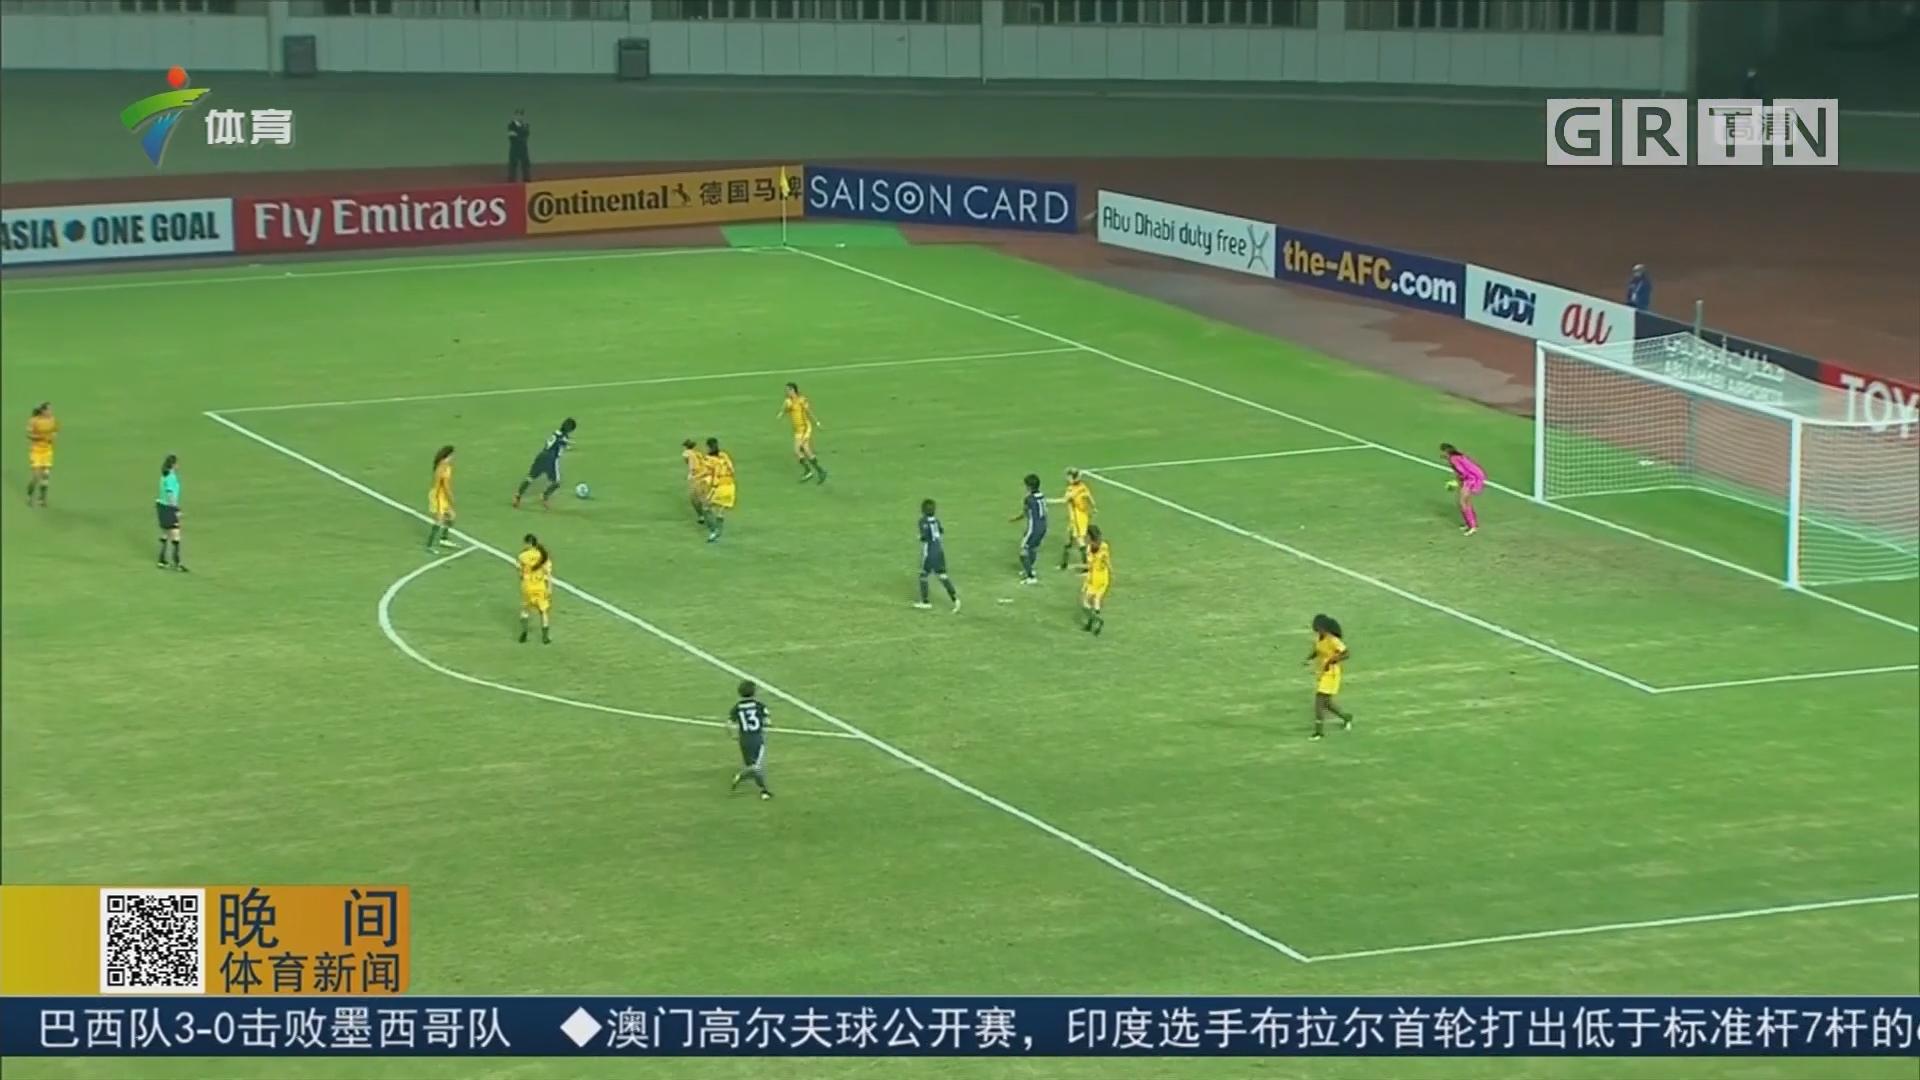 女足亚青赛 日本大胜澳大利亚